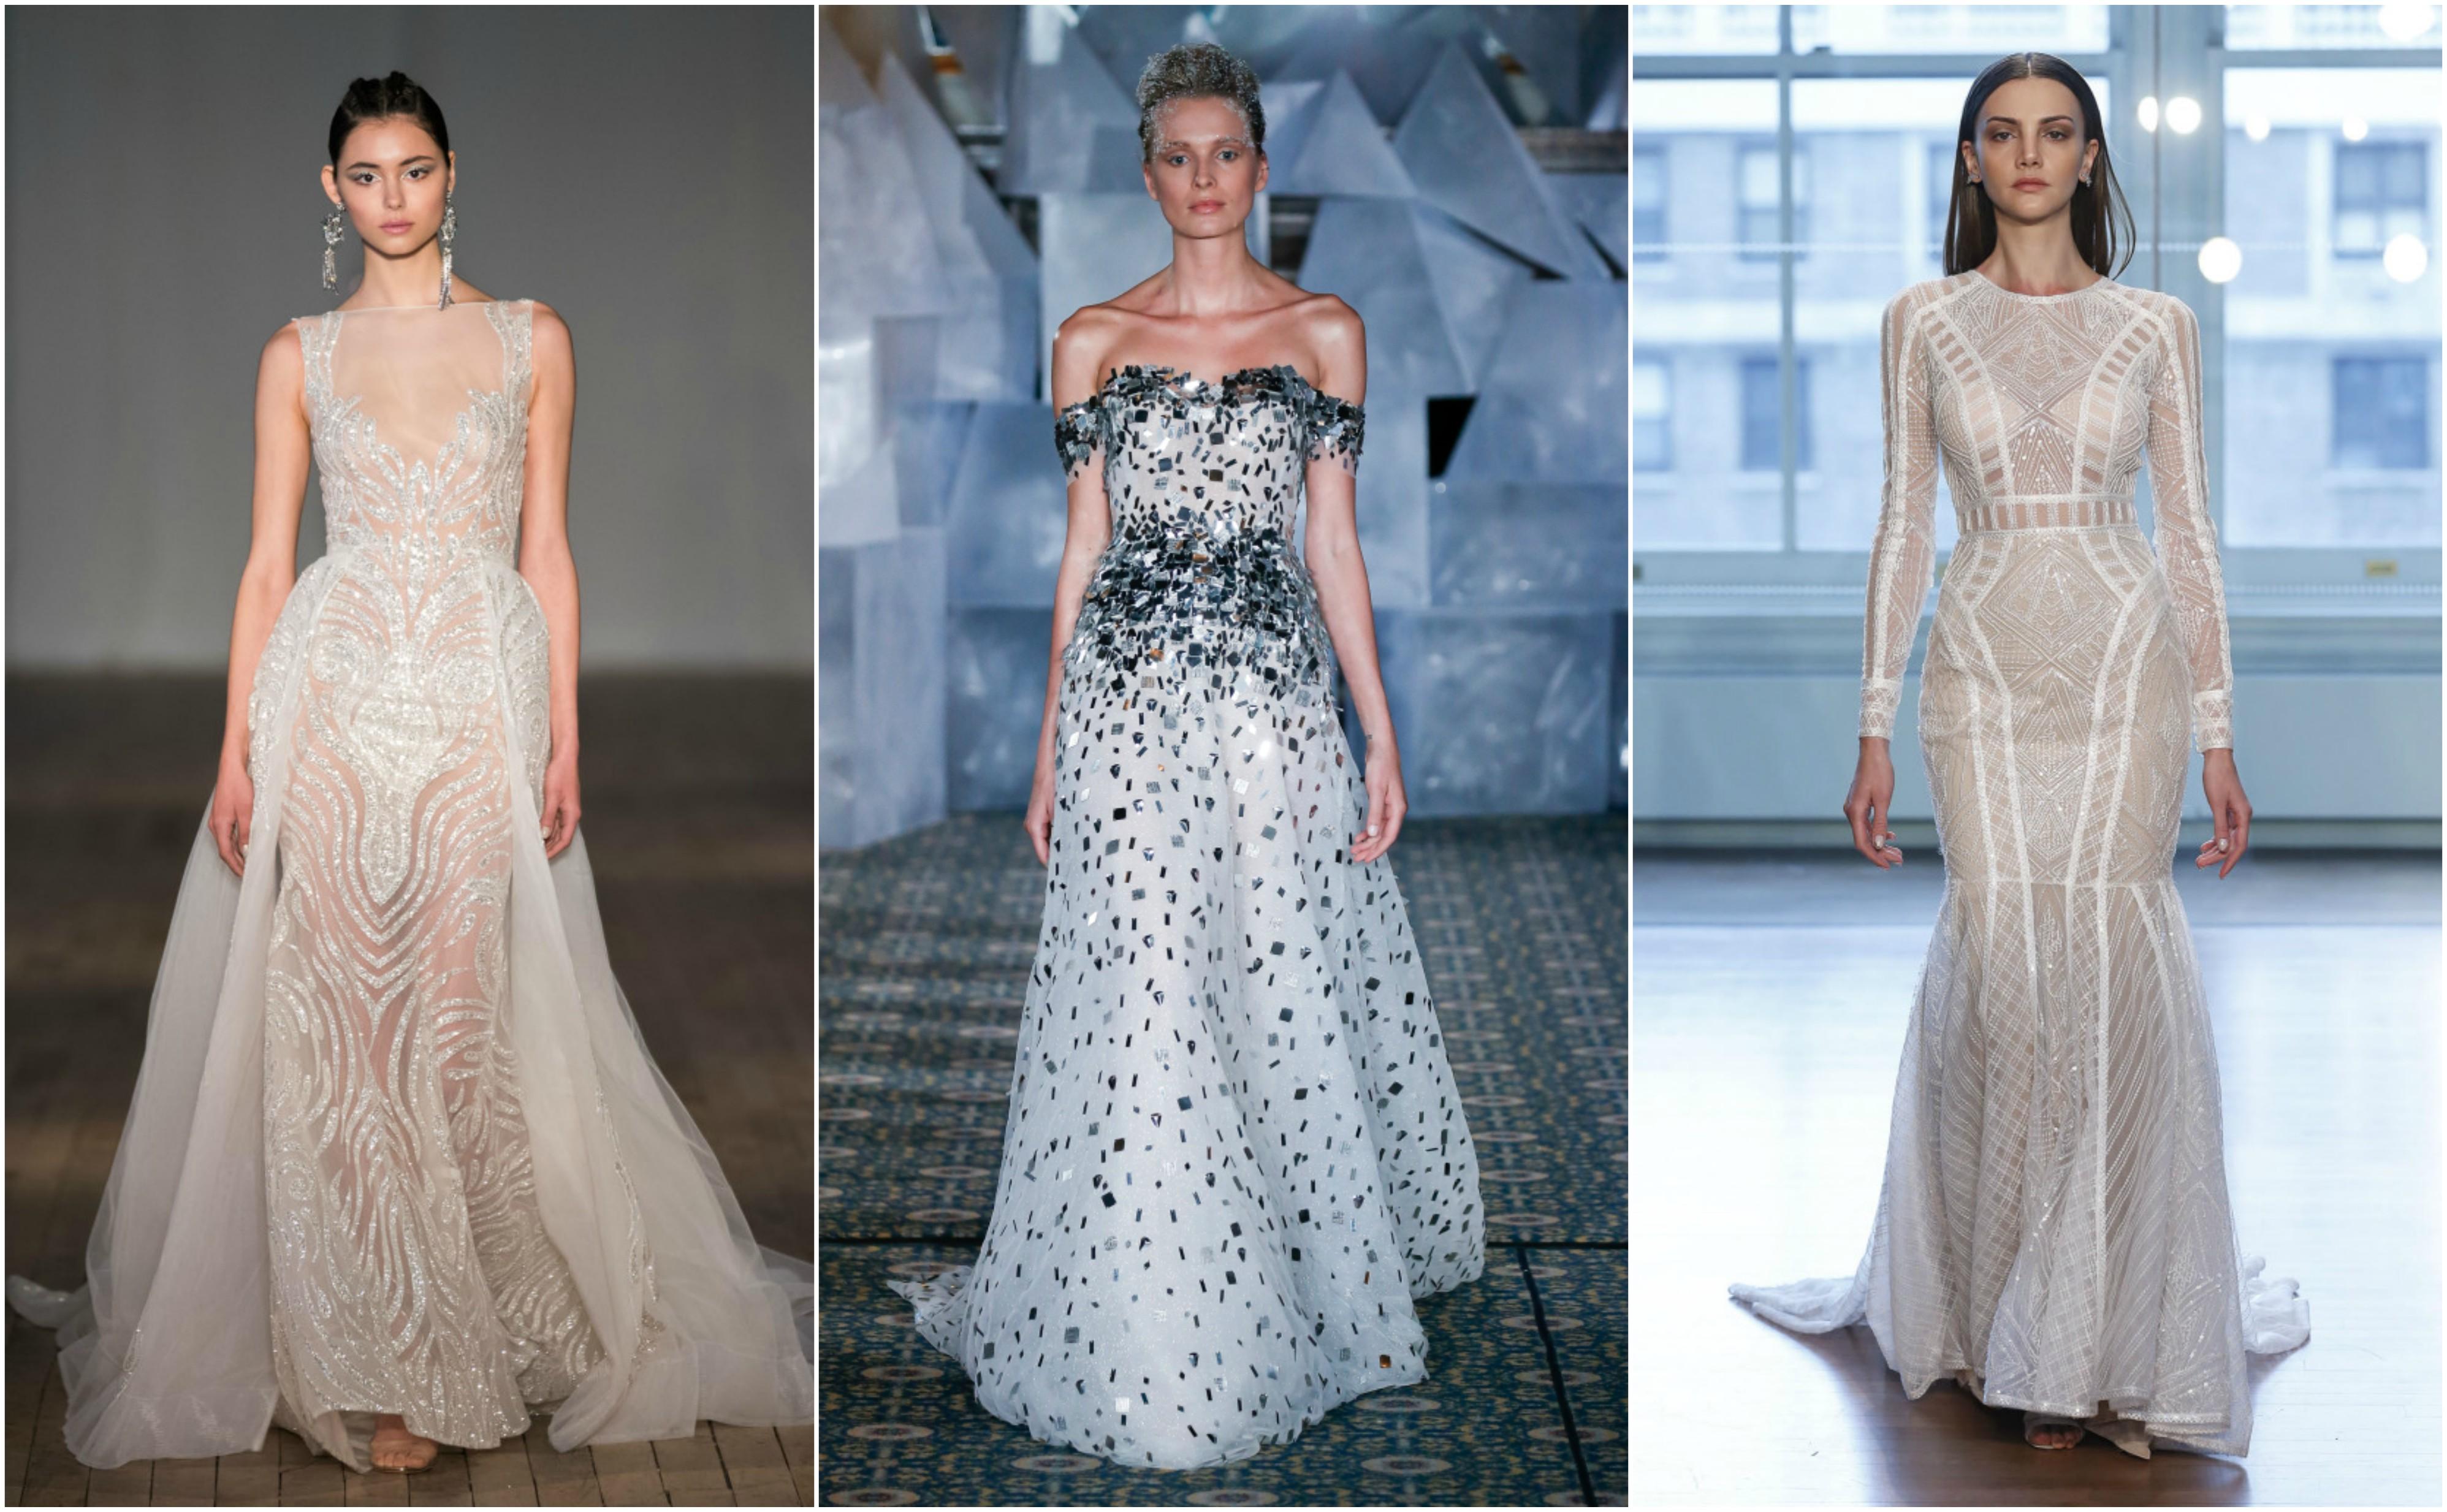 e59676e237 Egy ilyen káprázatos ruhánál csak Te, a menyasszony tündökölsz jobban!  Mesés látvány, ahogy a sok ezer apró gyöngy csillog a napfényben a  menyasszonyi ruhán ...